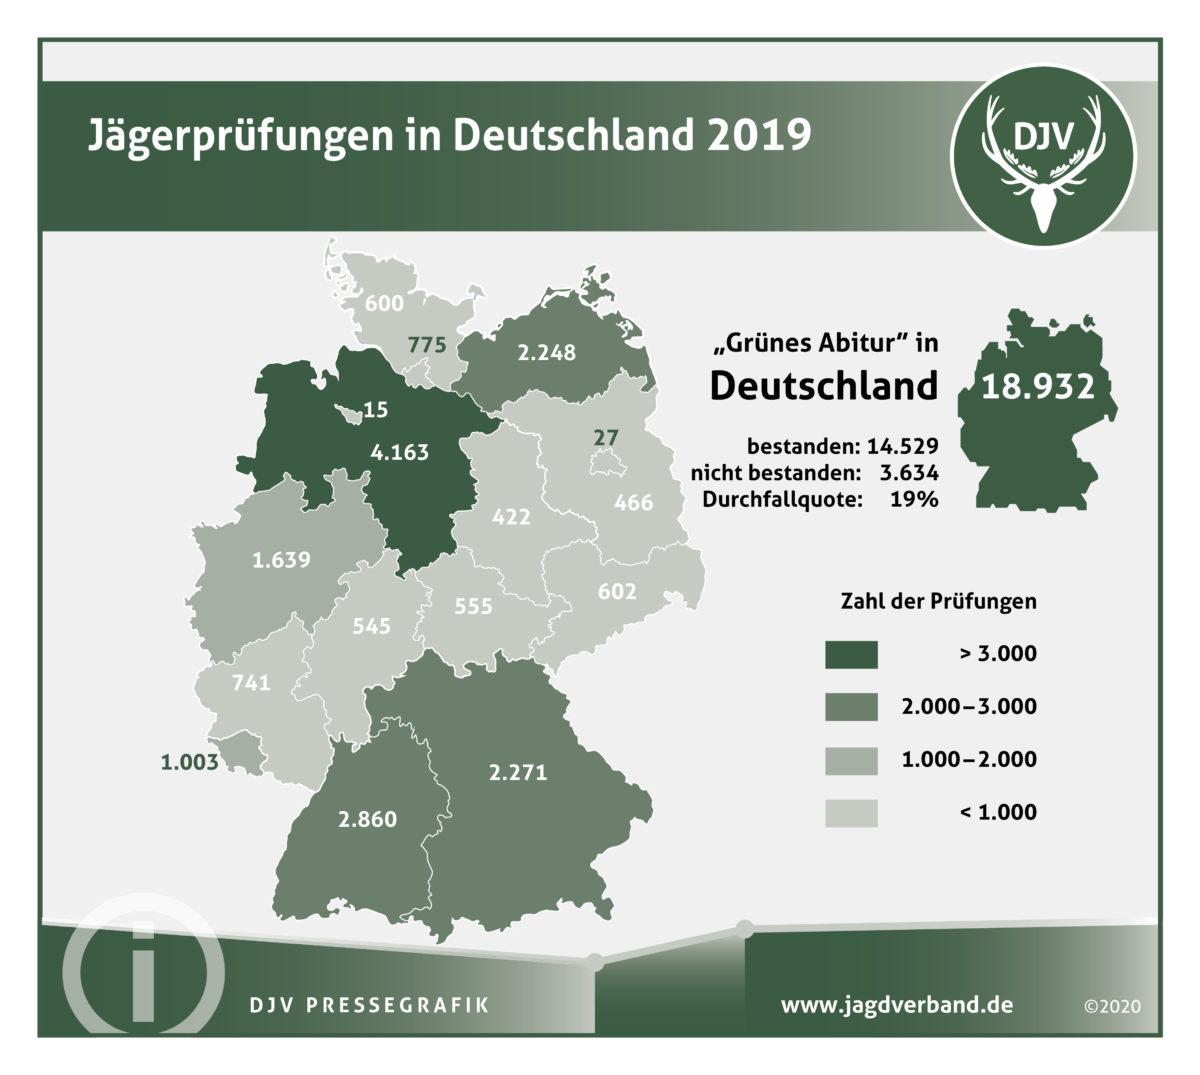 Grafik Jägerprüfungen in Deutschland 2019